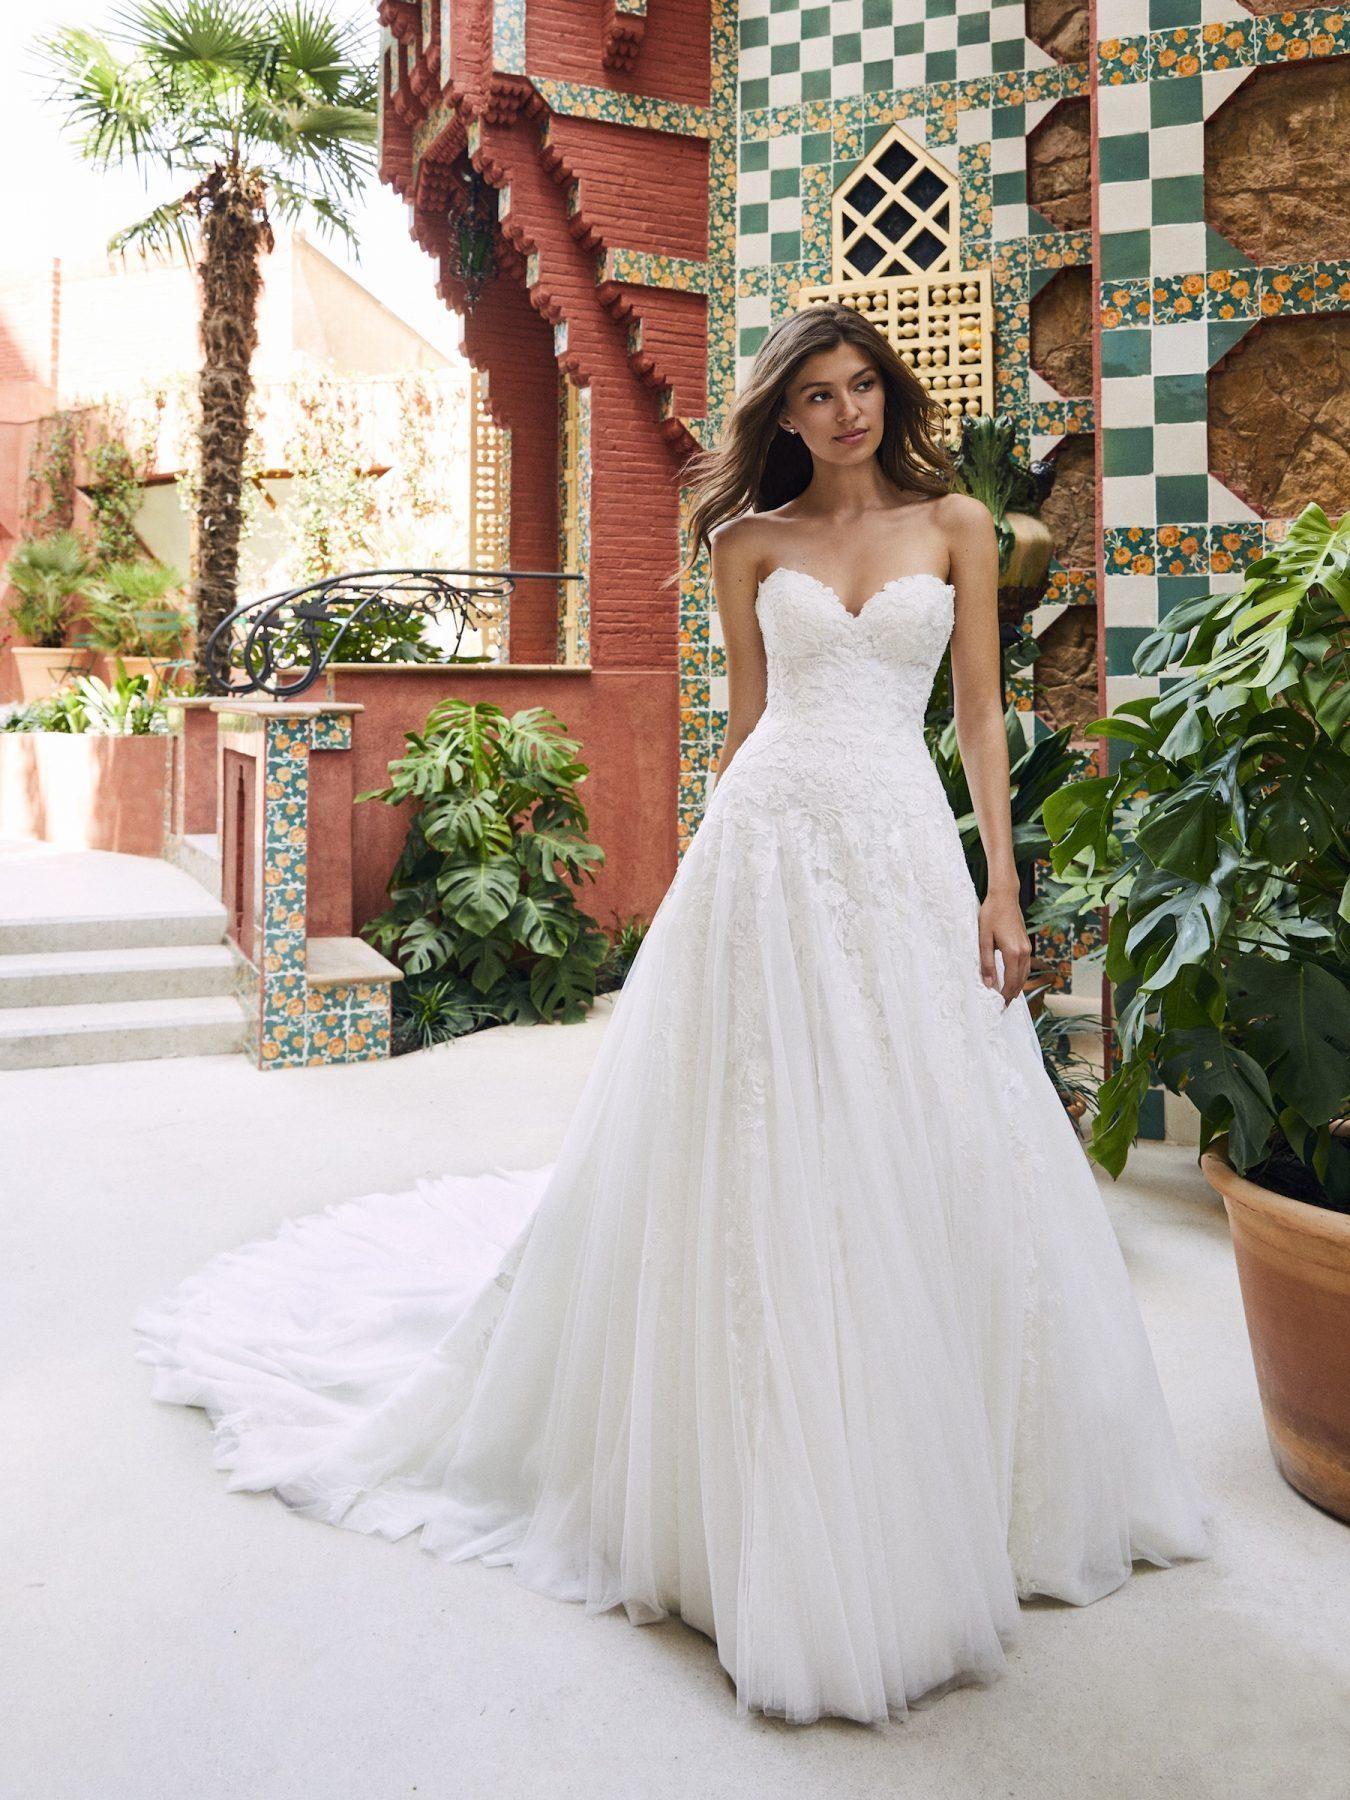 2020 abiti da sposa modesti in pizzo con scollo a cuore coperto con bottoni sul retro eleganti abiti da sposa a-line abiti da sposa economici